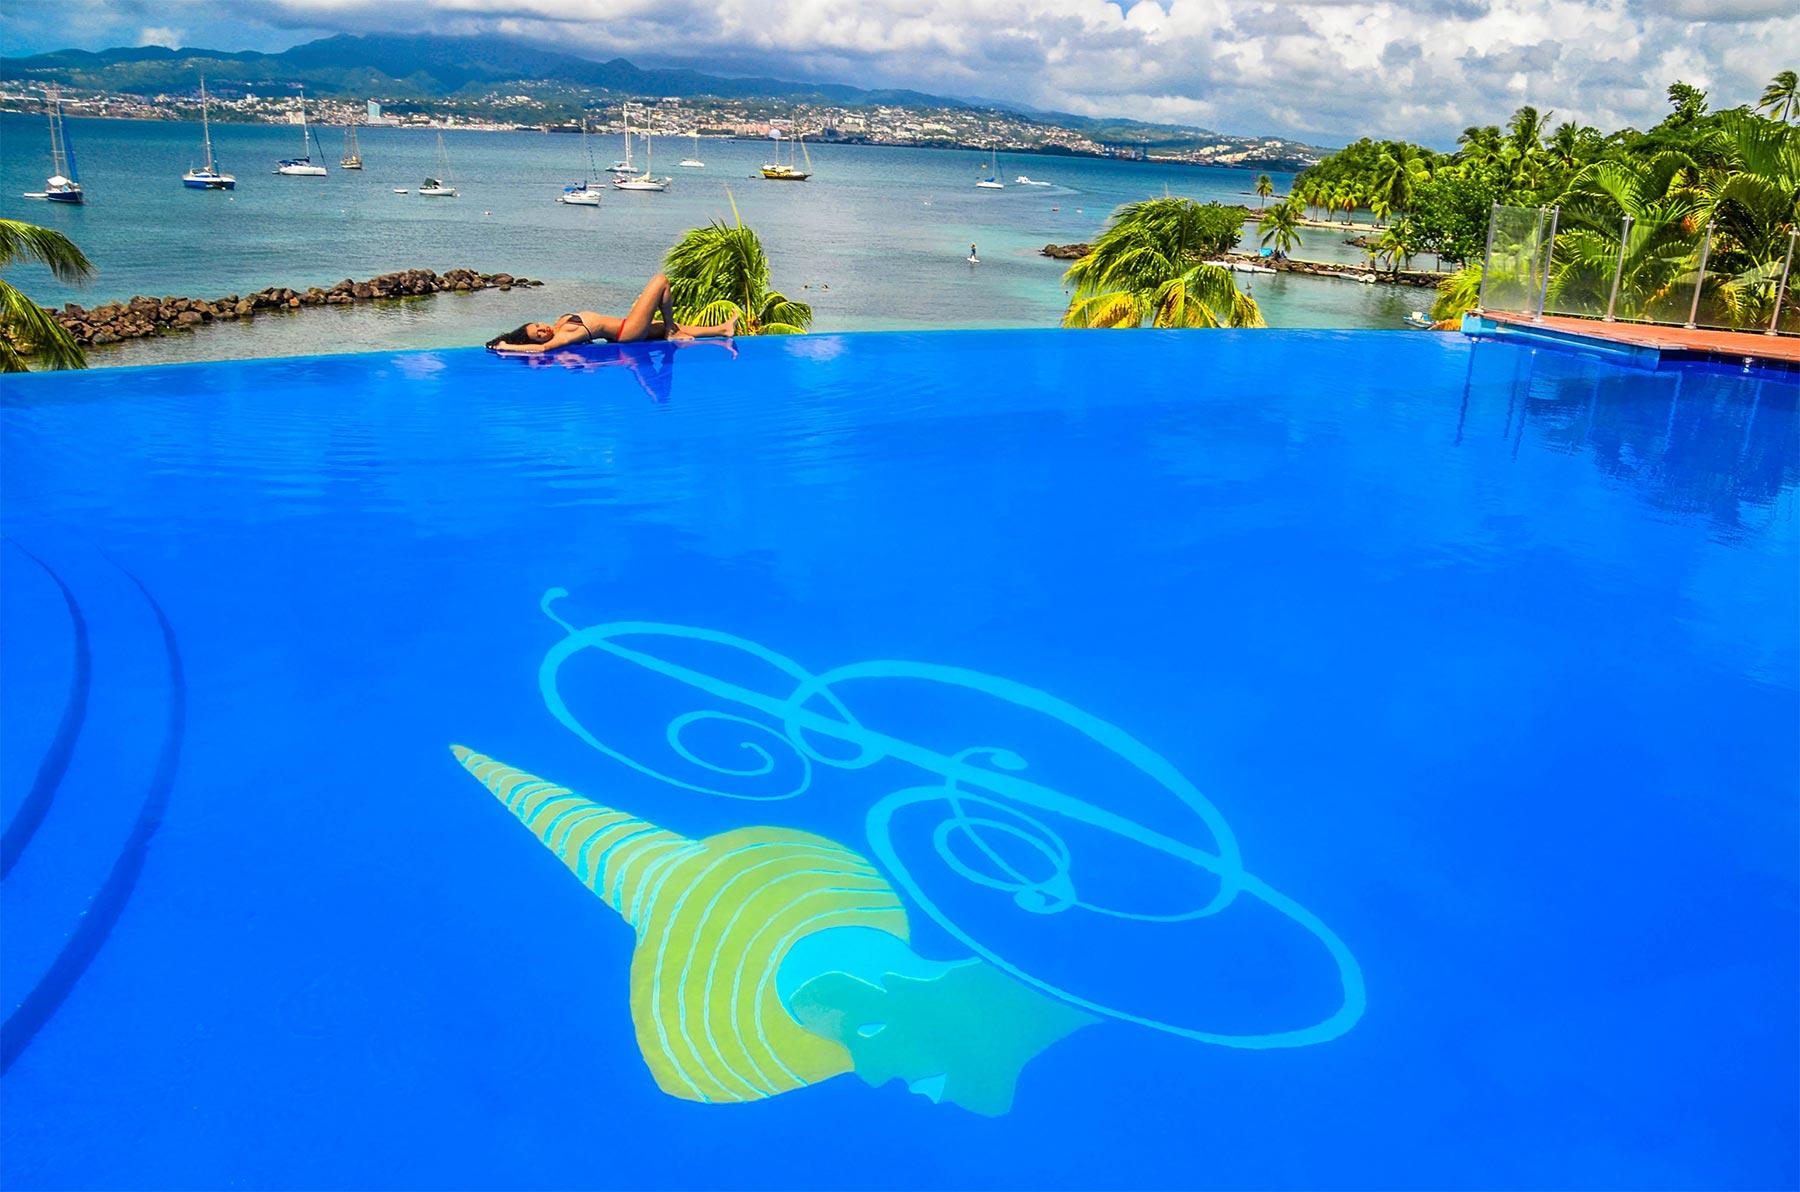 Hôtel de charme en Martinique